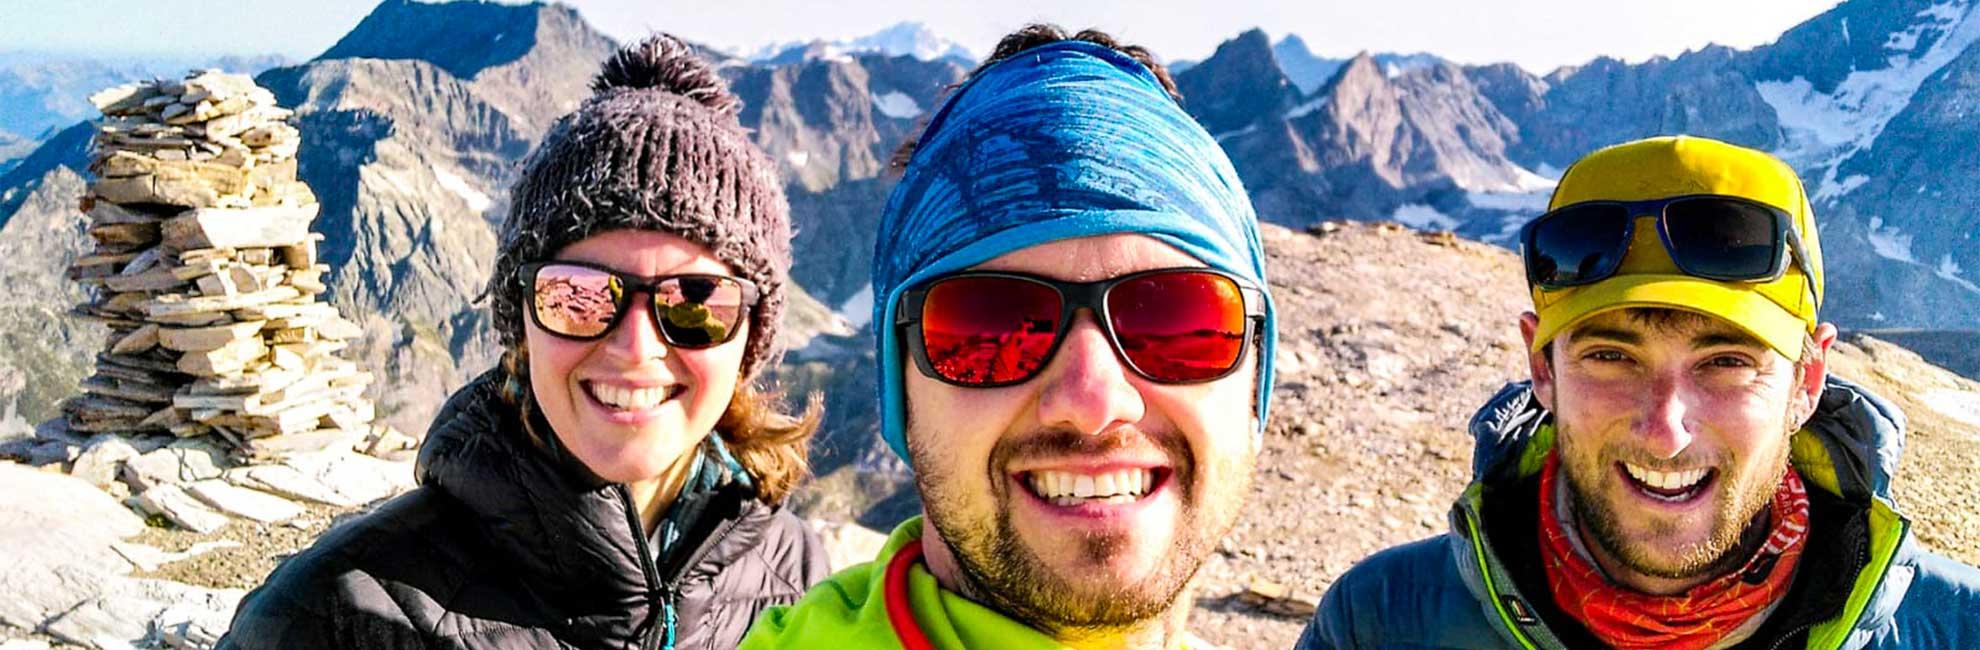 alpinisme Vanoise